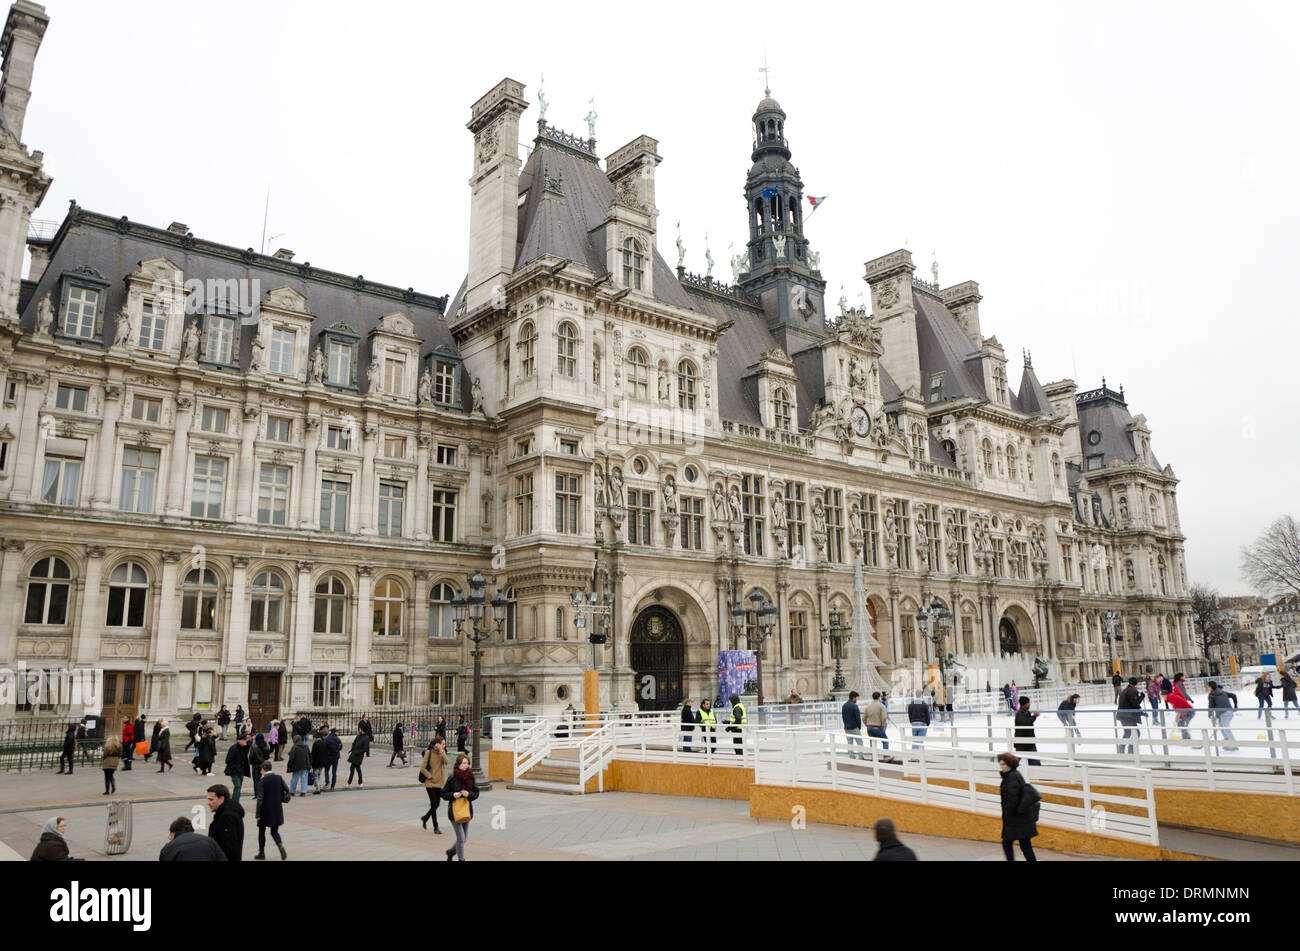 Hôtel de Ville en hiver, avec patinoire saisonnière à Paris, France. Banque D'Images